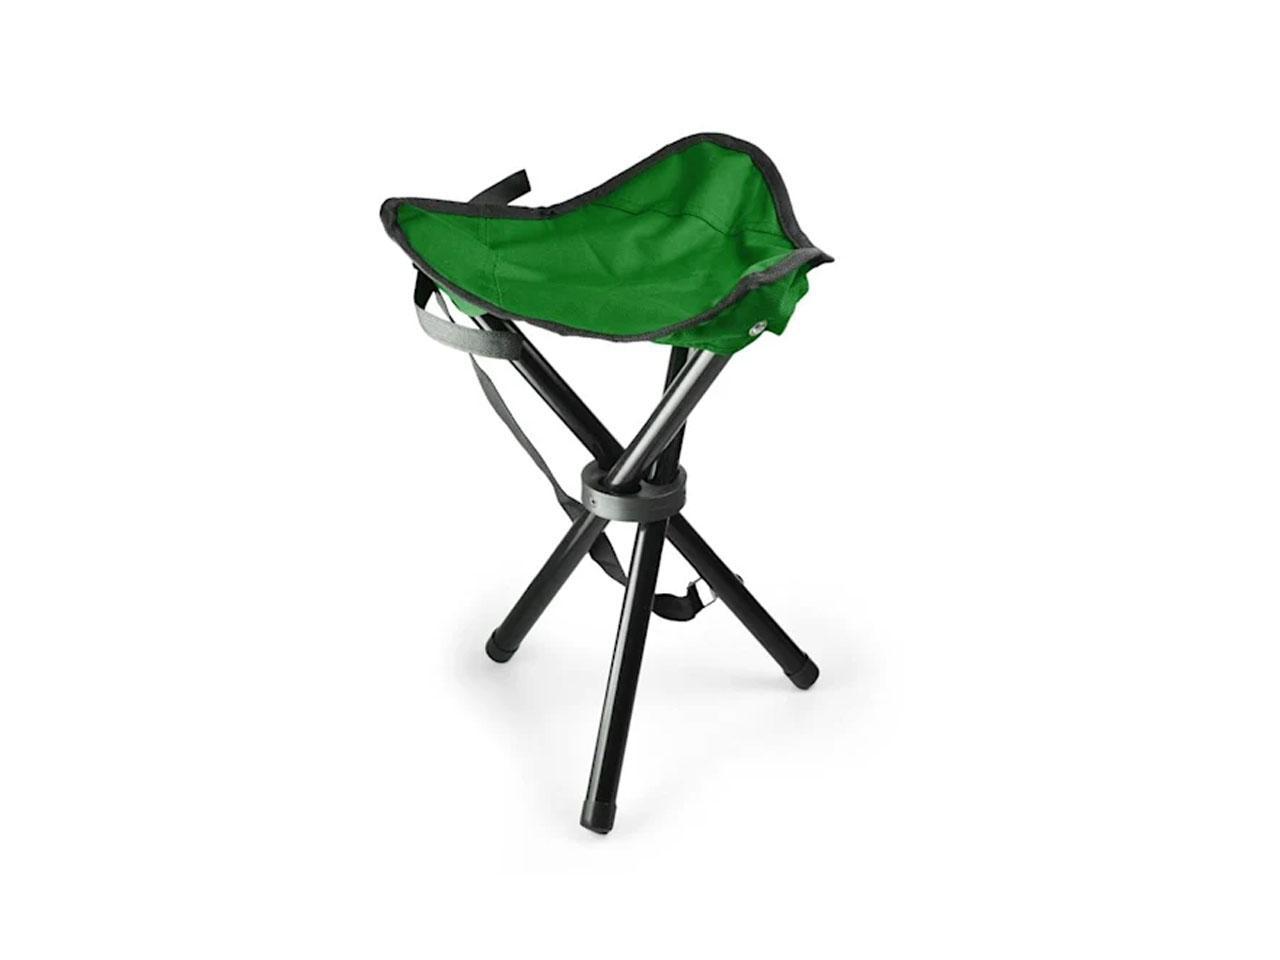 DURAMAXX Přenosná kempovací židle, zeleno-černá + záruka 3 roky!